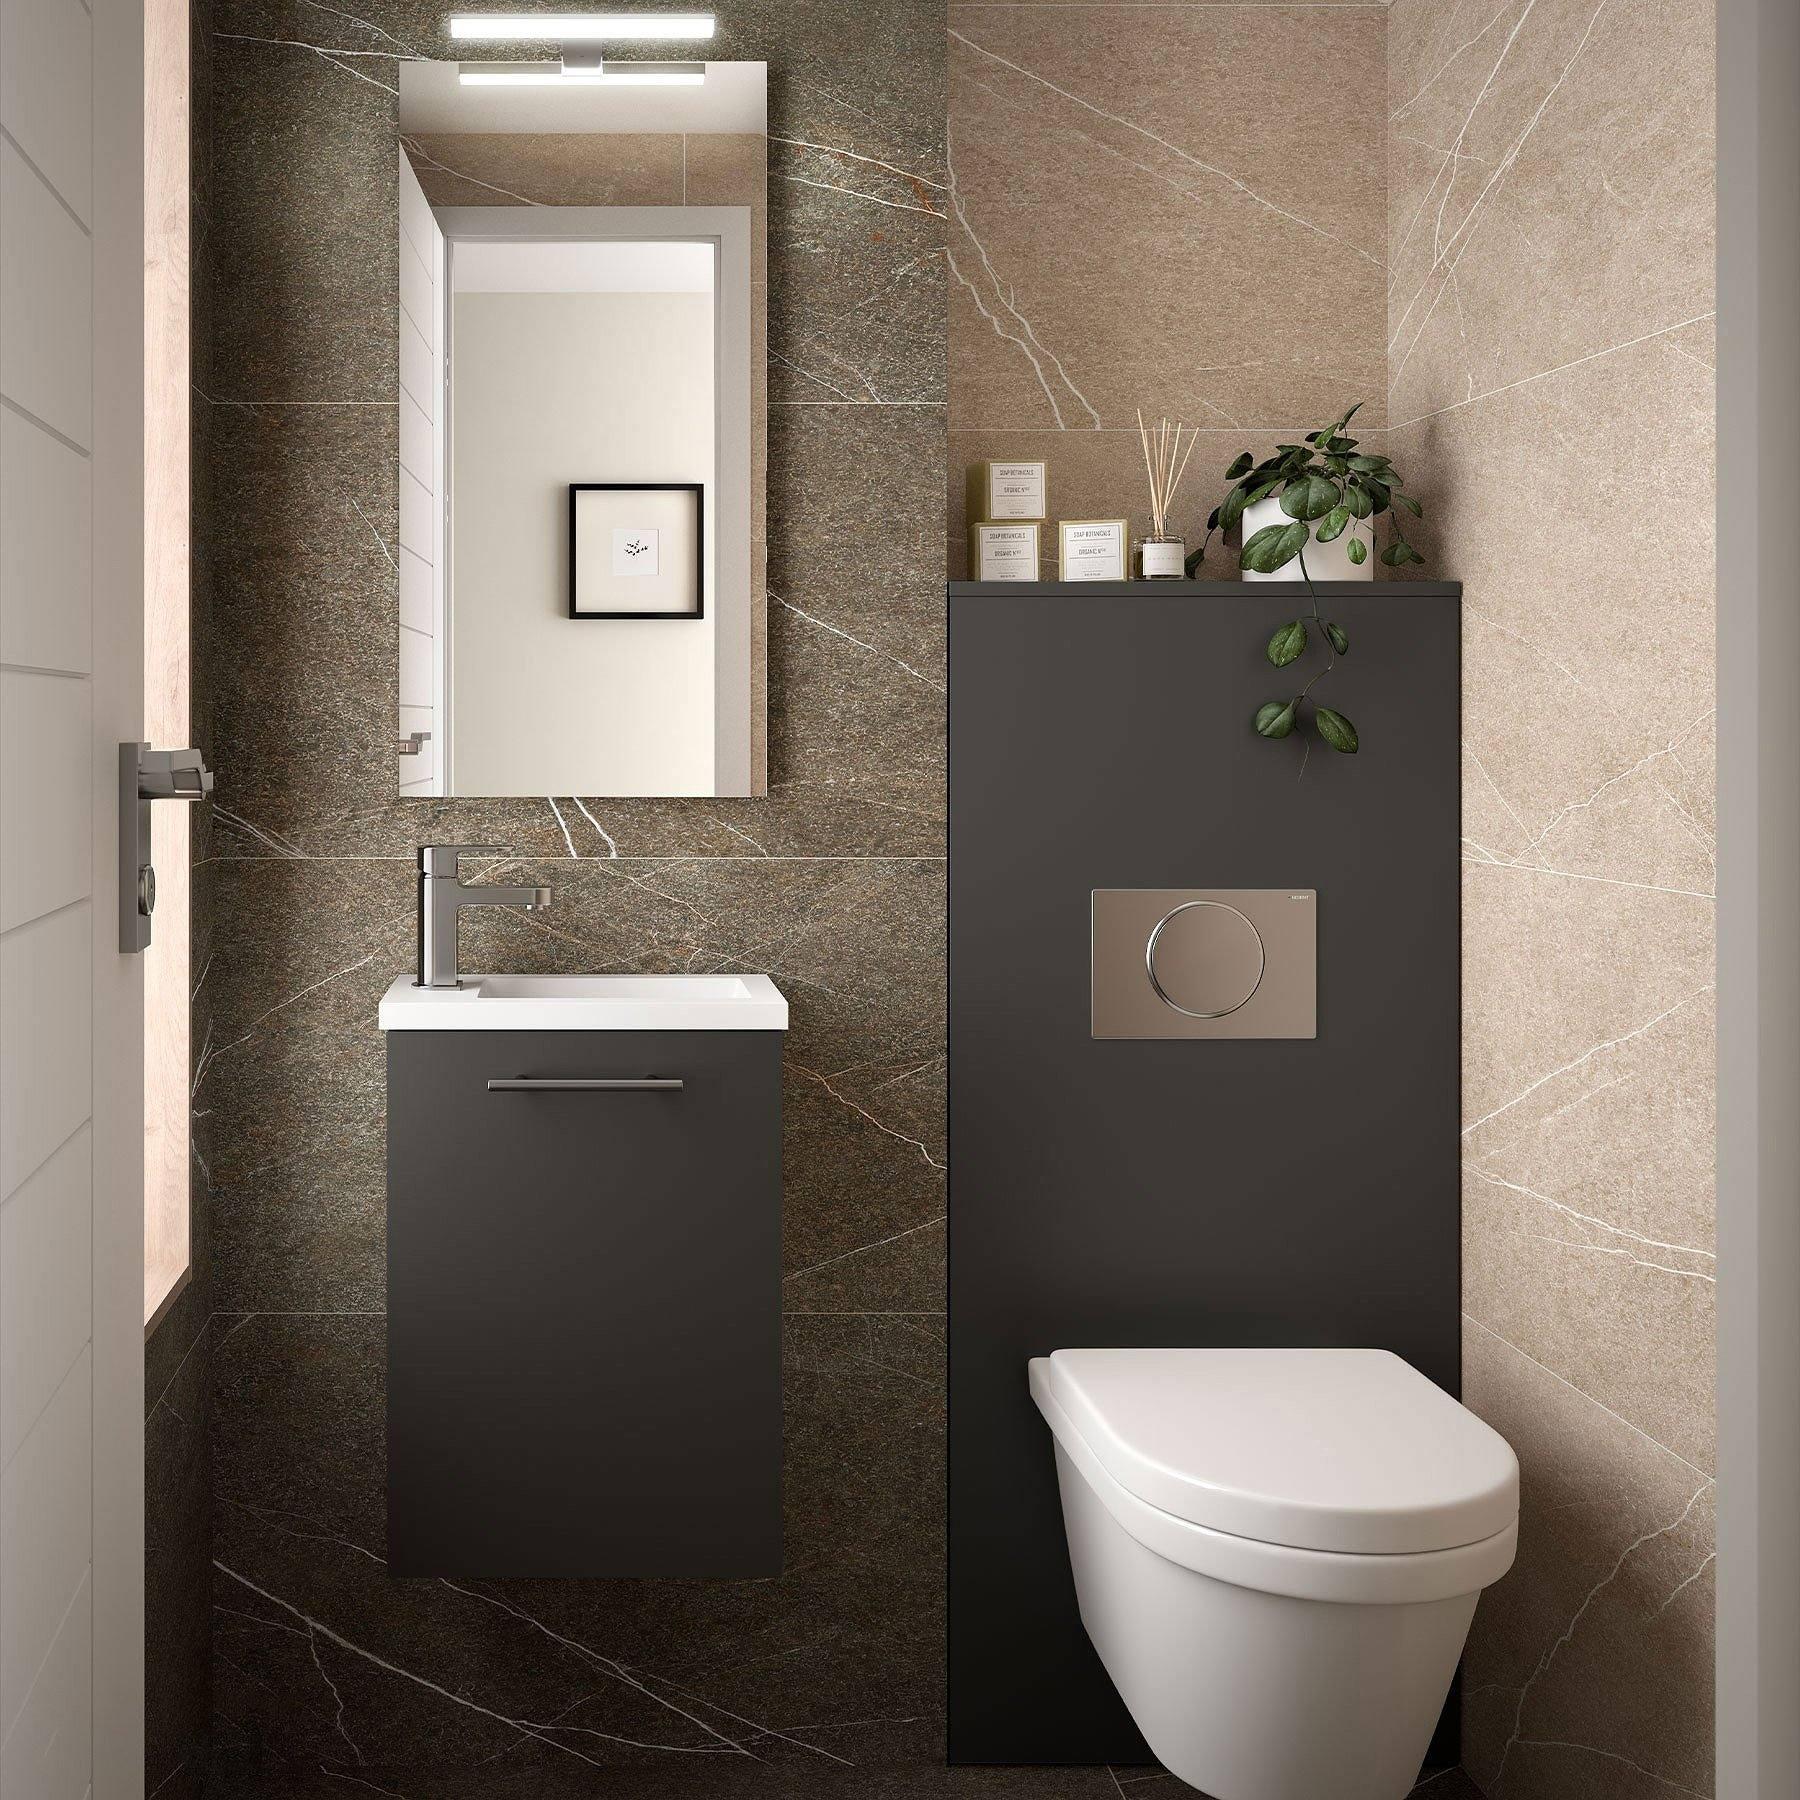 Conjunto mueble de baño fondo reducido 25 cm de Salgar ...